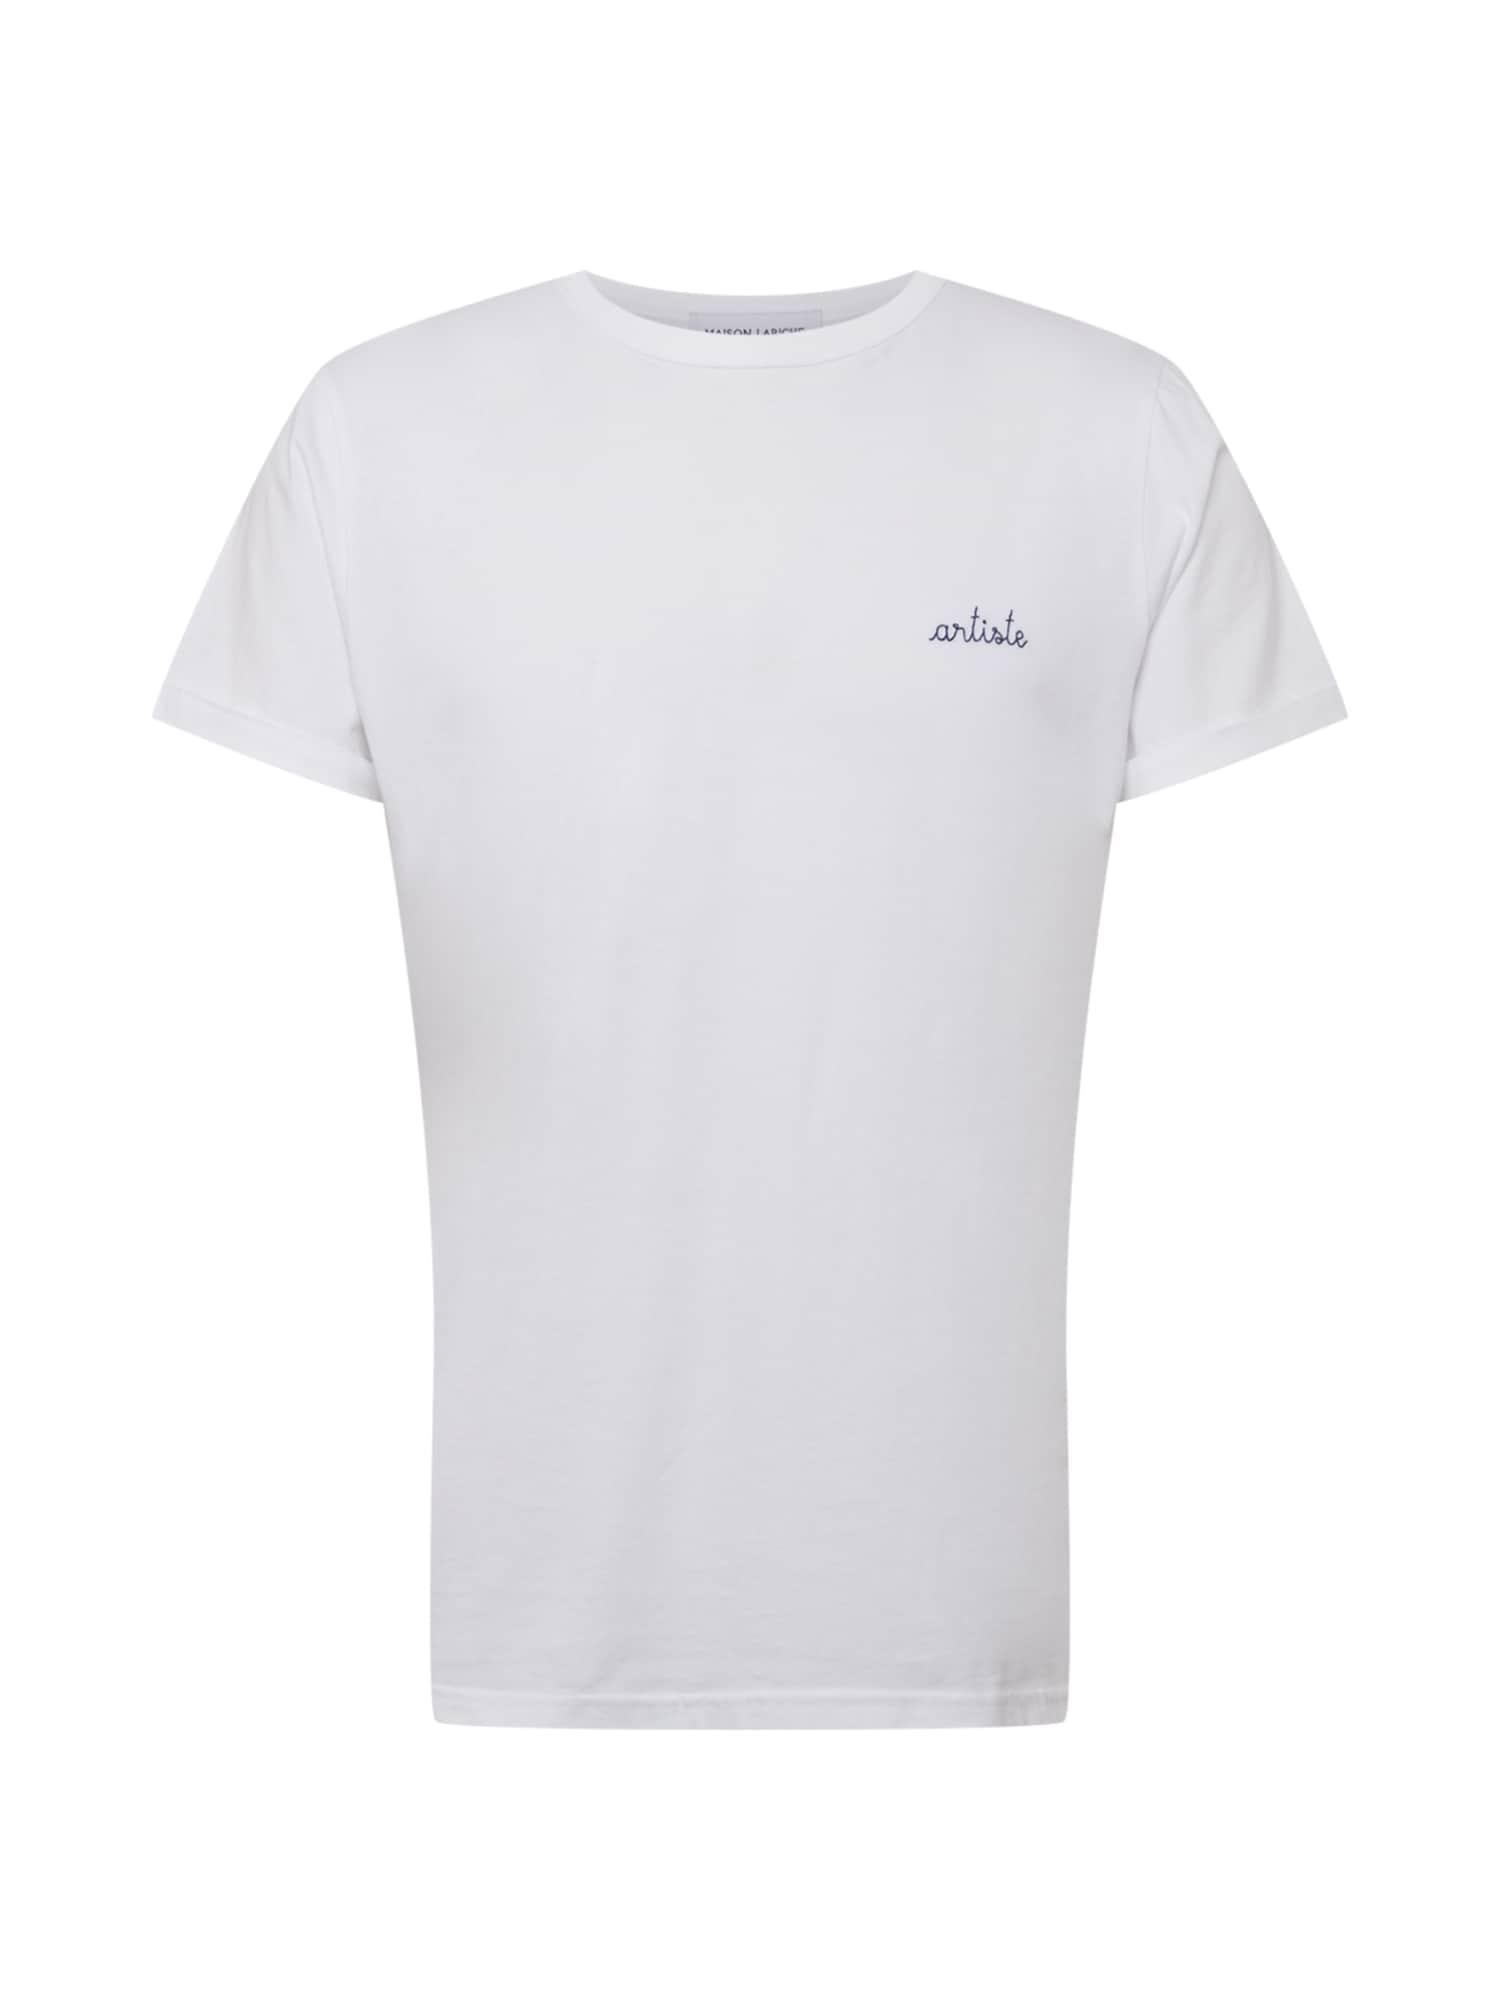 Maison Labiche T-Shirt 'POITOU ARTISTE'  - Blanc - Taille: M - male